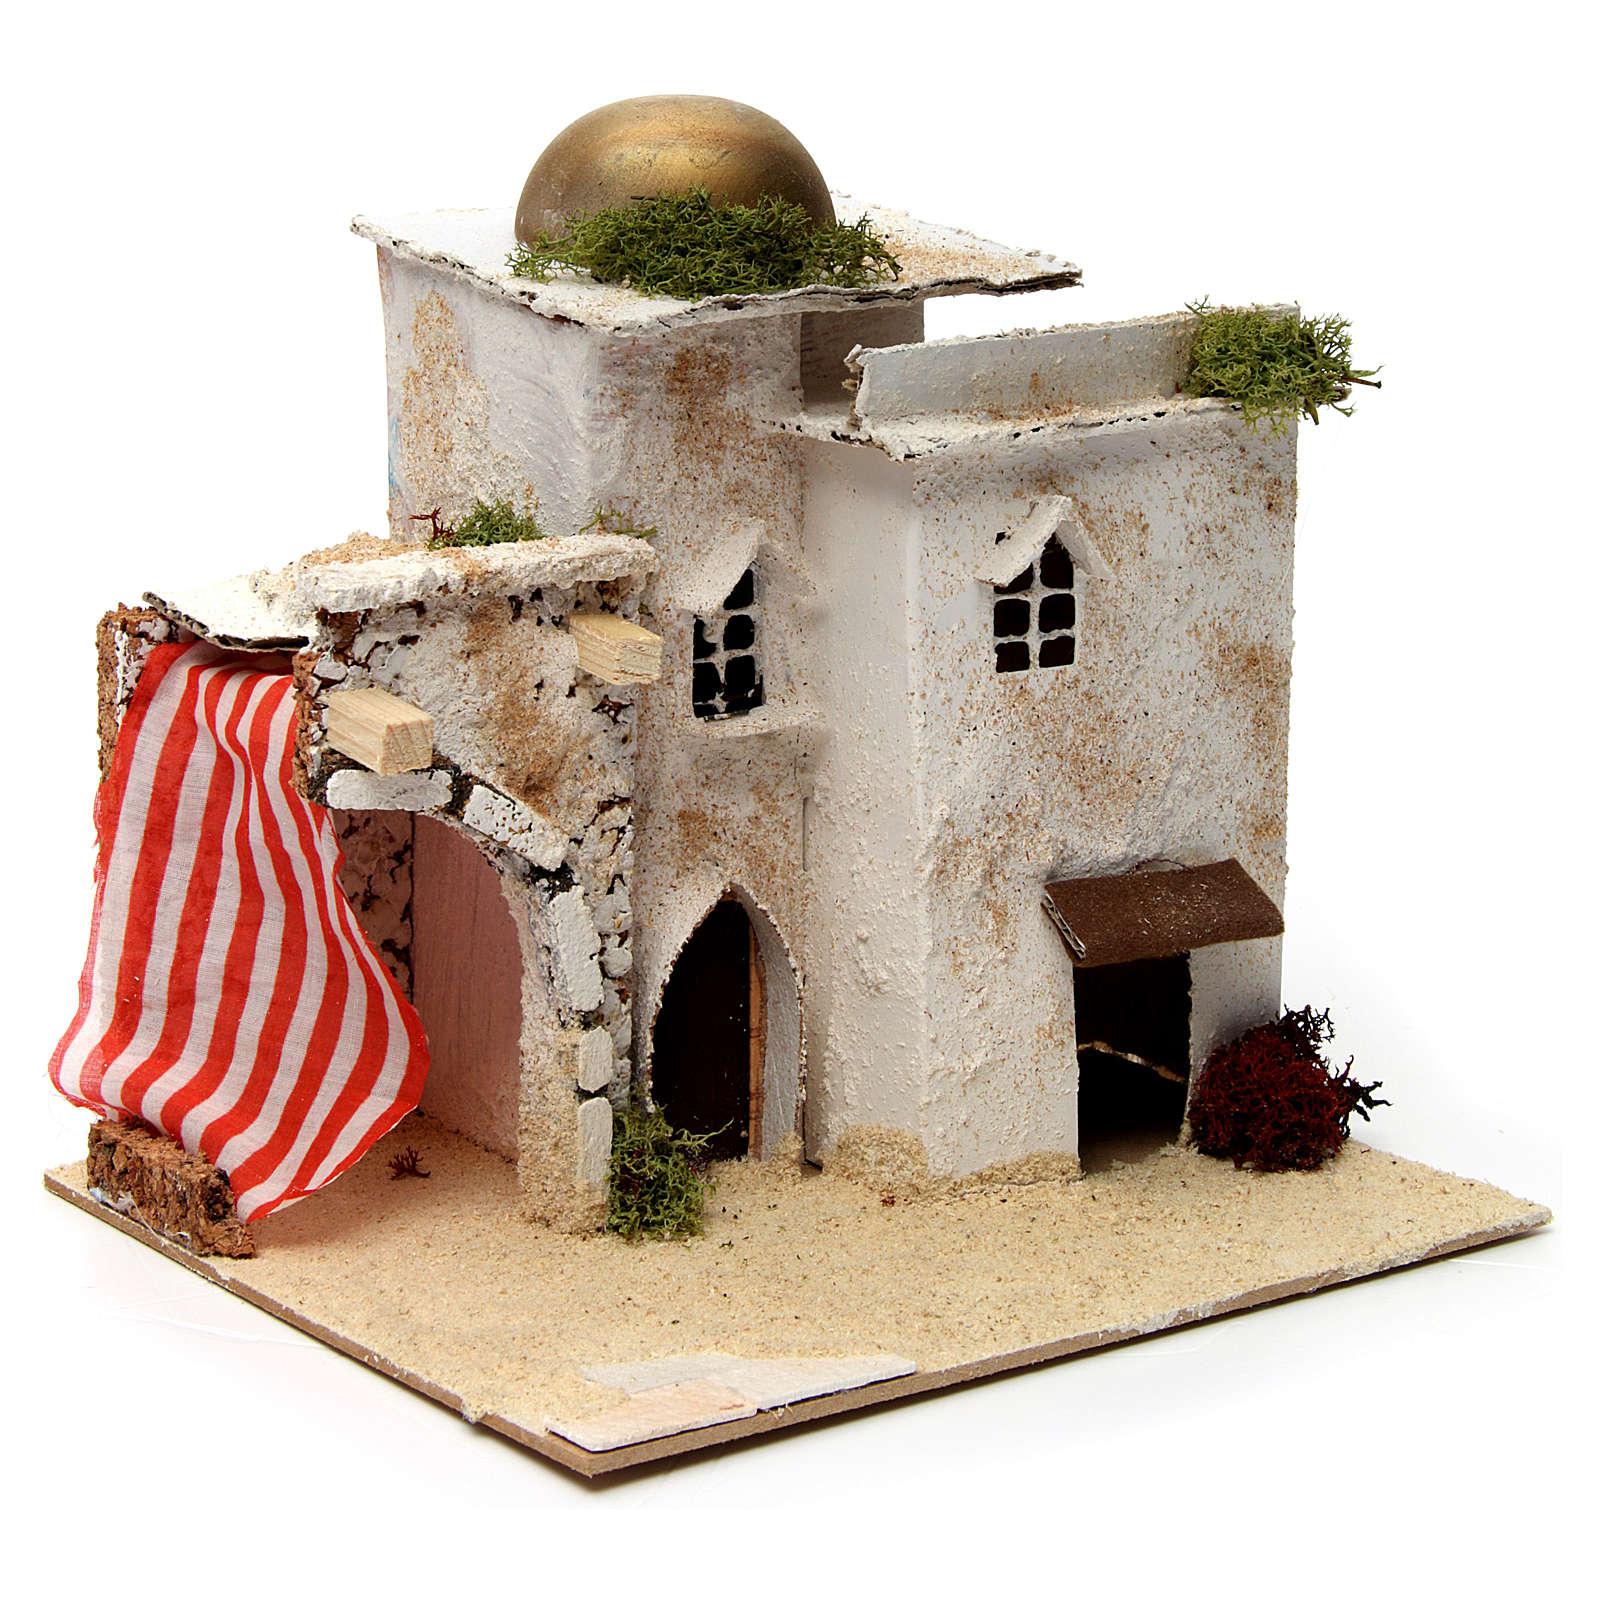 Maison style arabe avec dôme et rideau latéral 20x25x20 cm 4